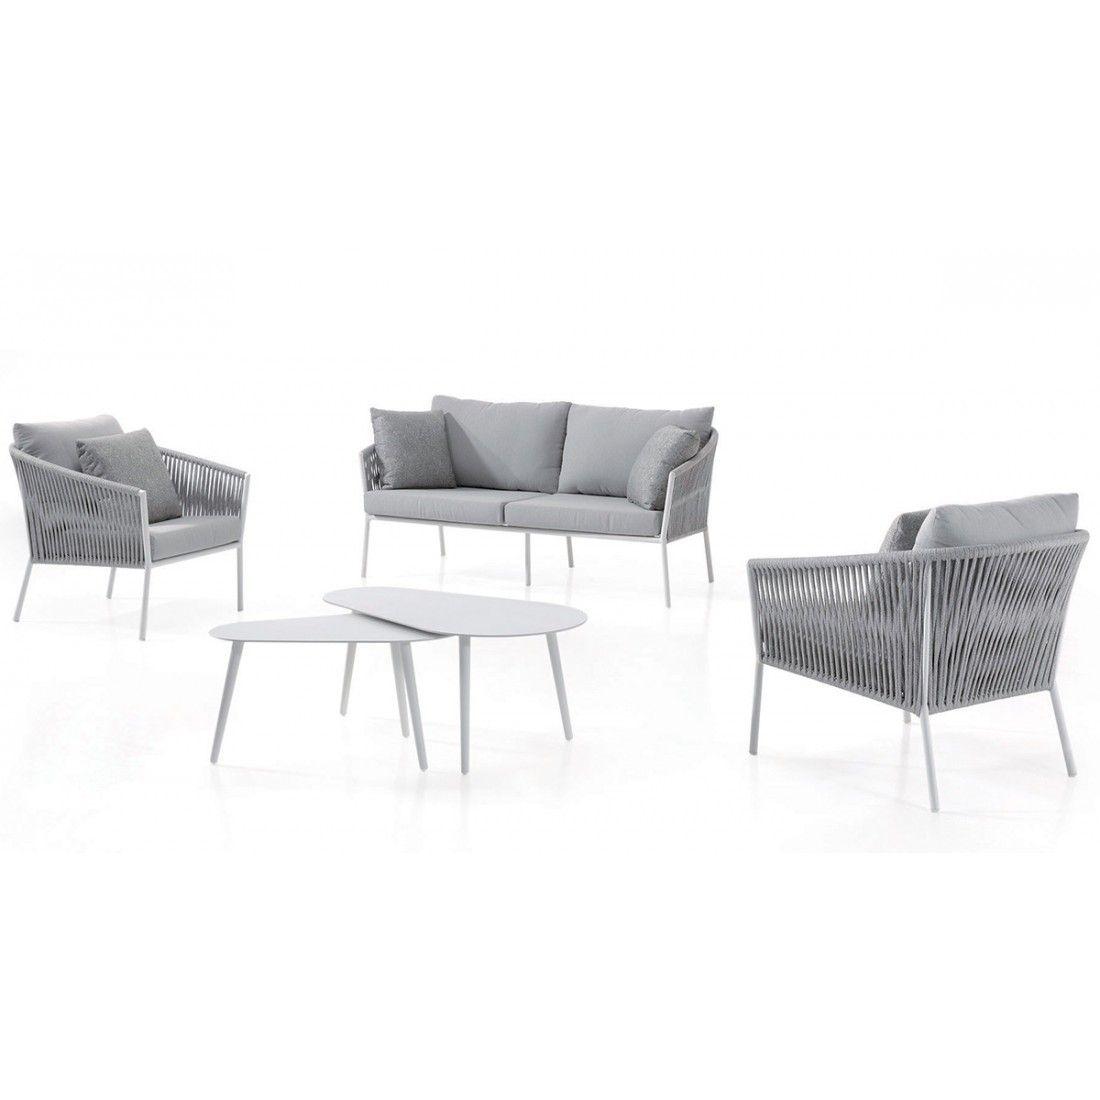 Salon de jardin design avec canapés, fauteuils, table, Gabon